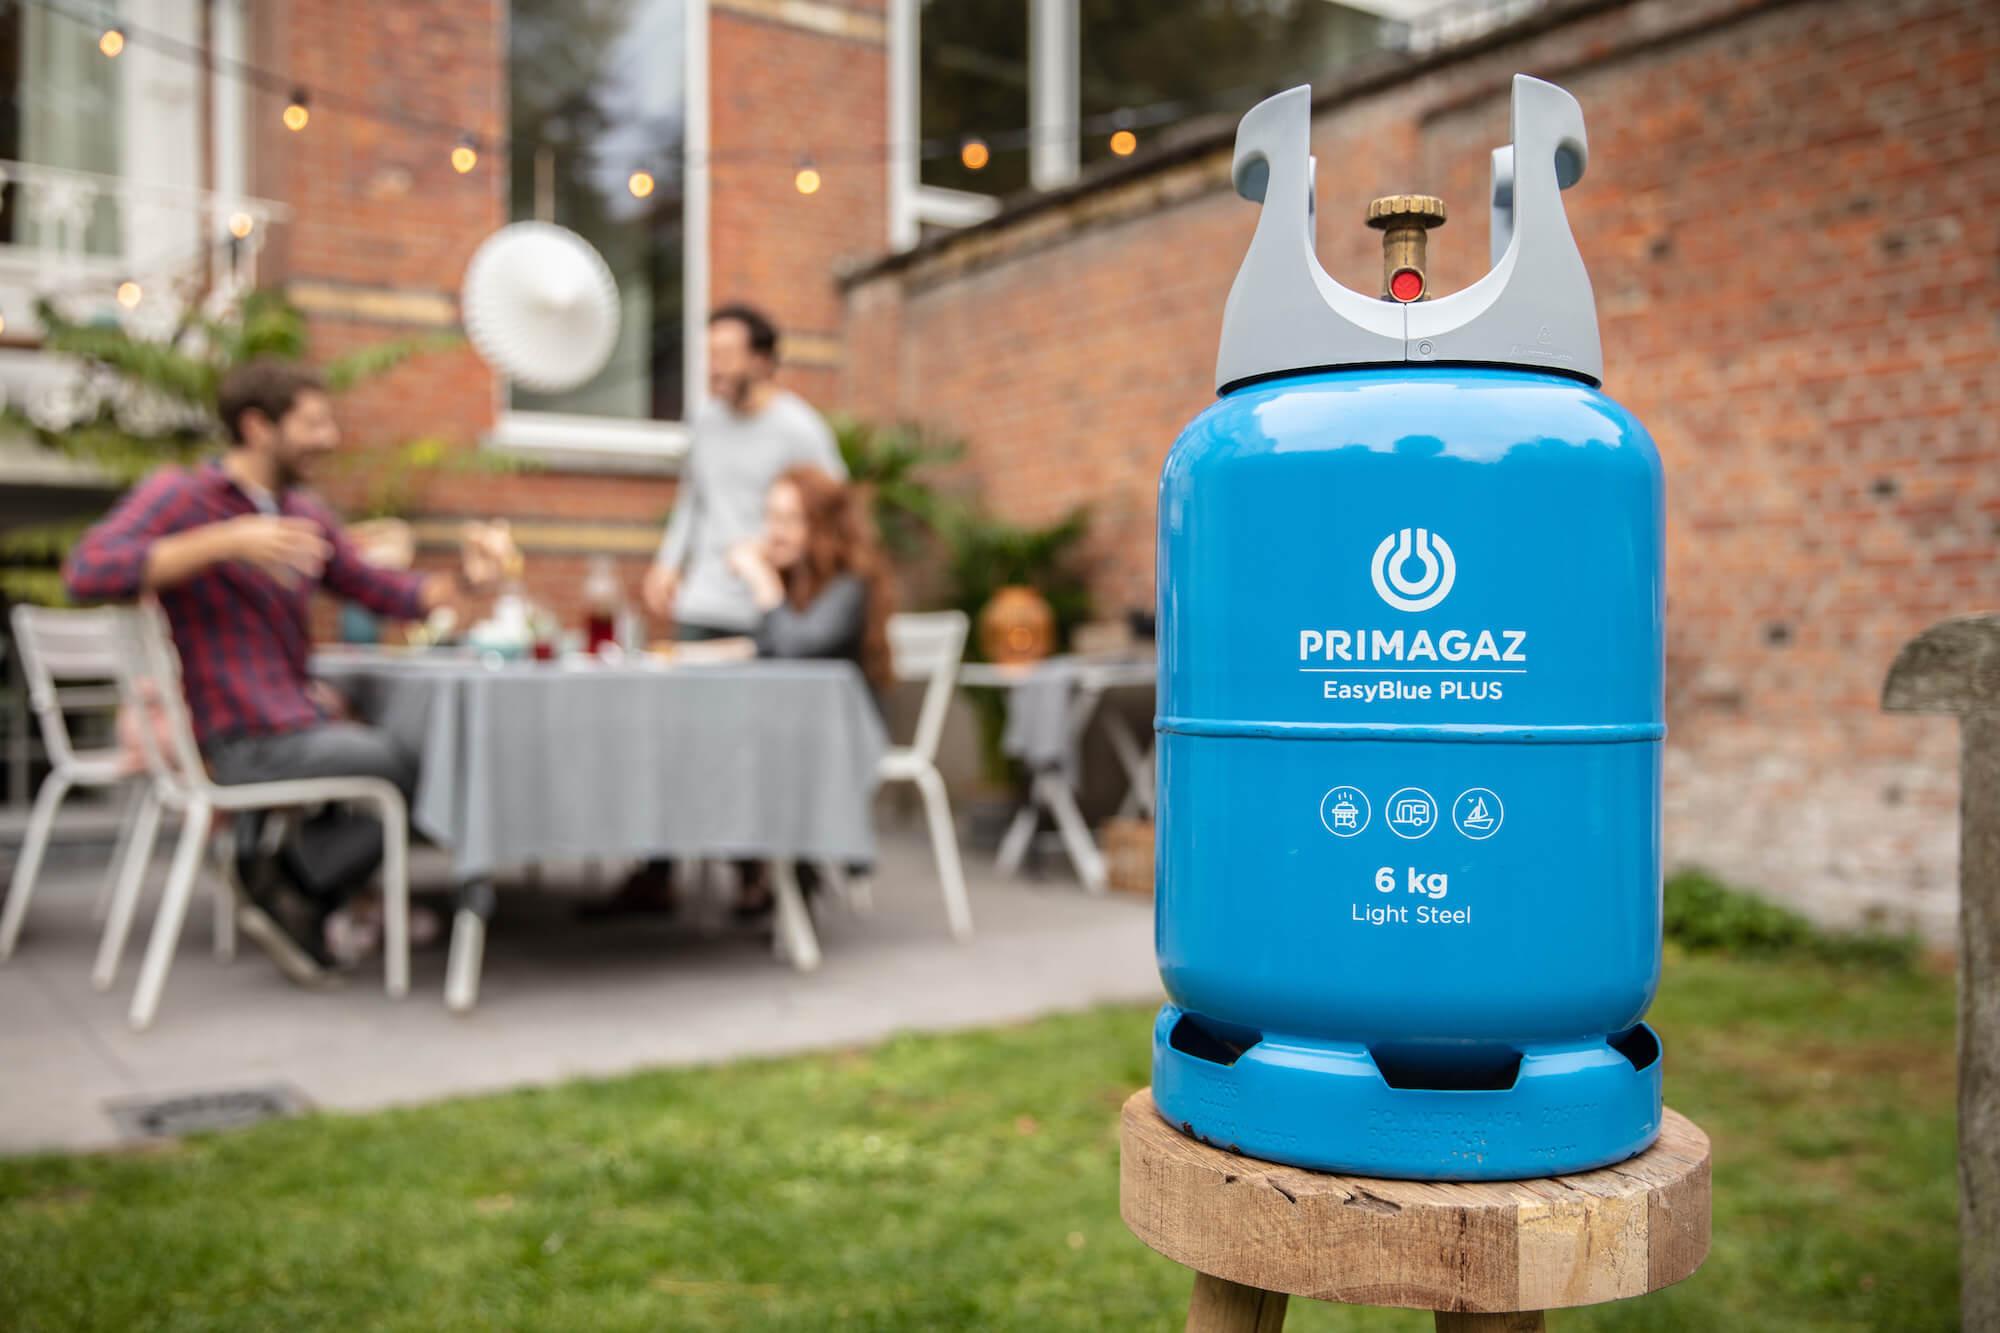 Les bouteilles au biopropane de Primagaz sont idéales pour votre barbecue à gaz